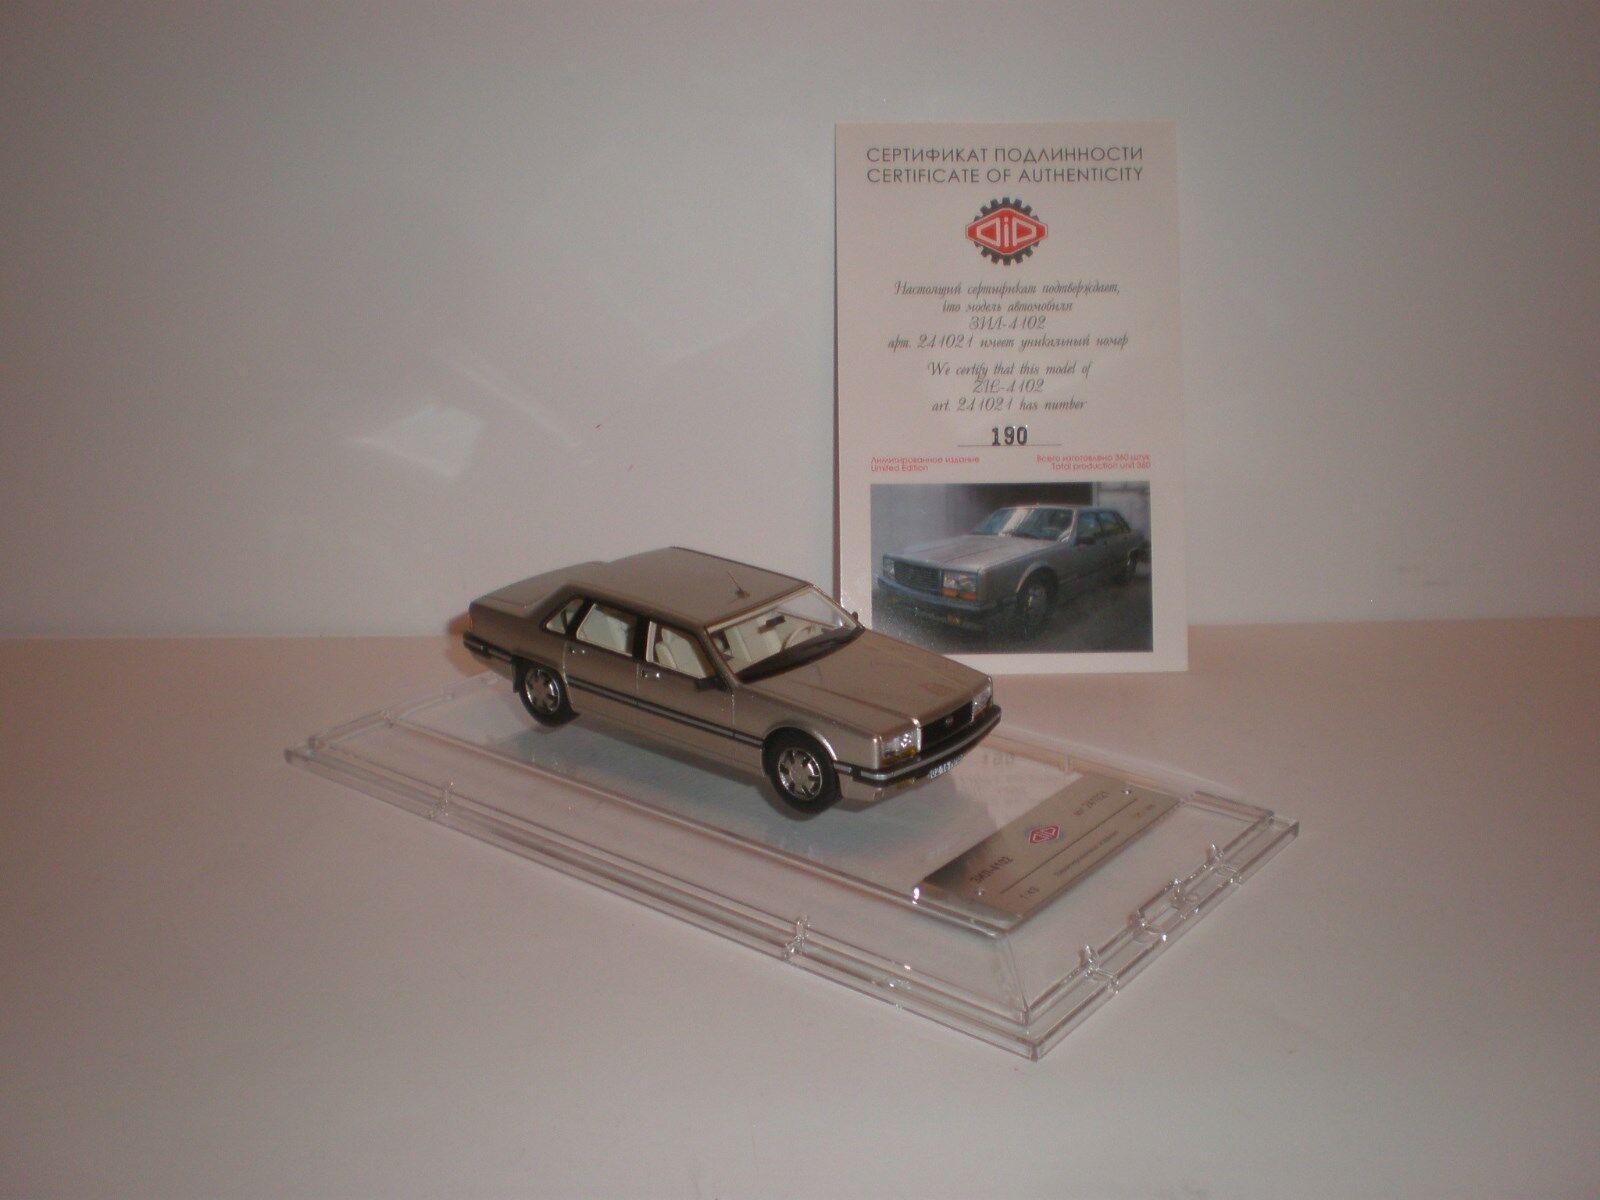 1 43 Modelos Dip ruso limusina ZIL-4102 1988 edición limitada de 252 piezas de champán.